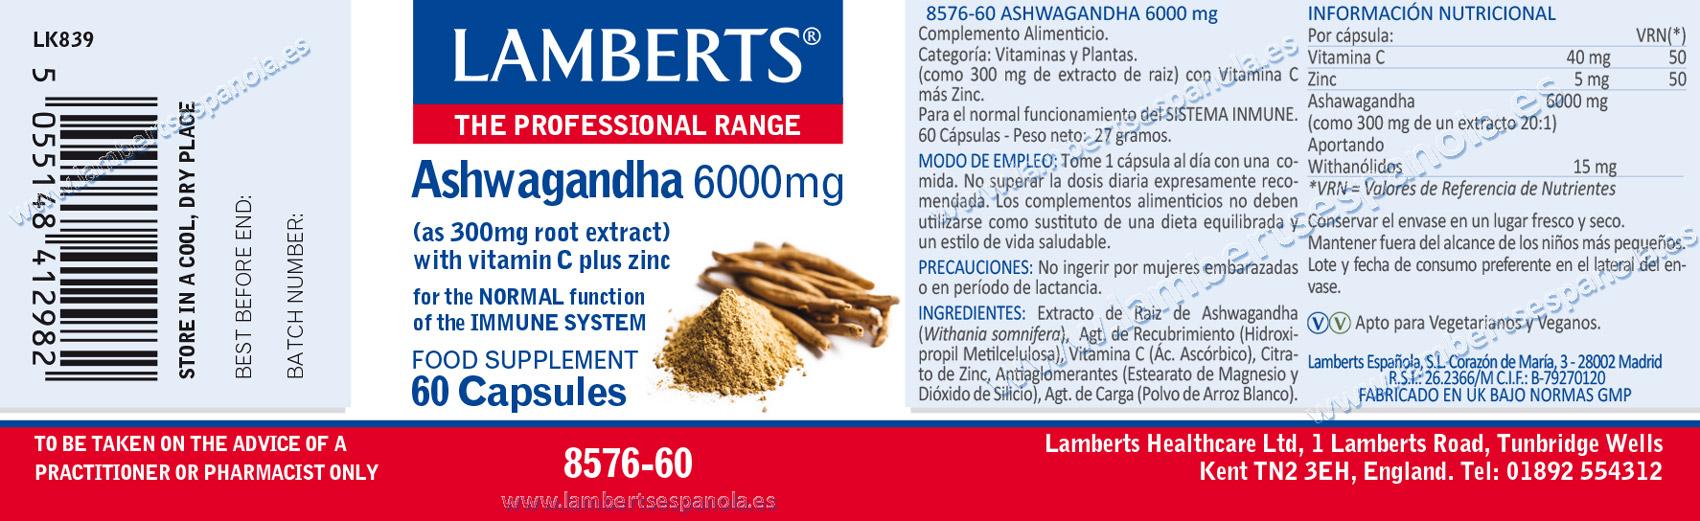 Ashwagandha lamberts